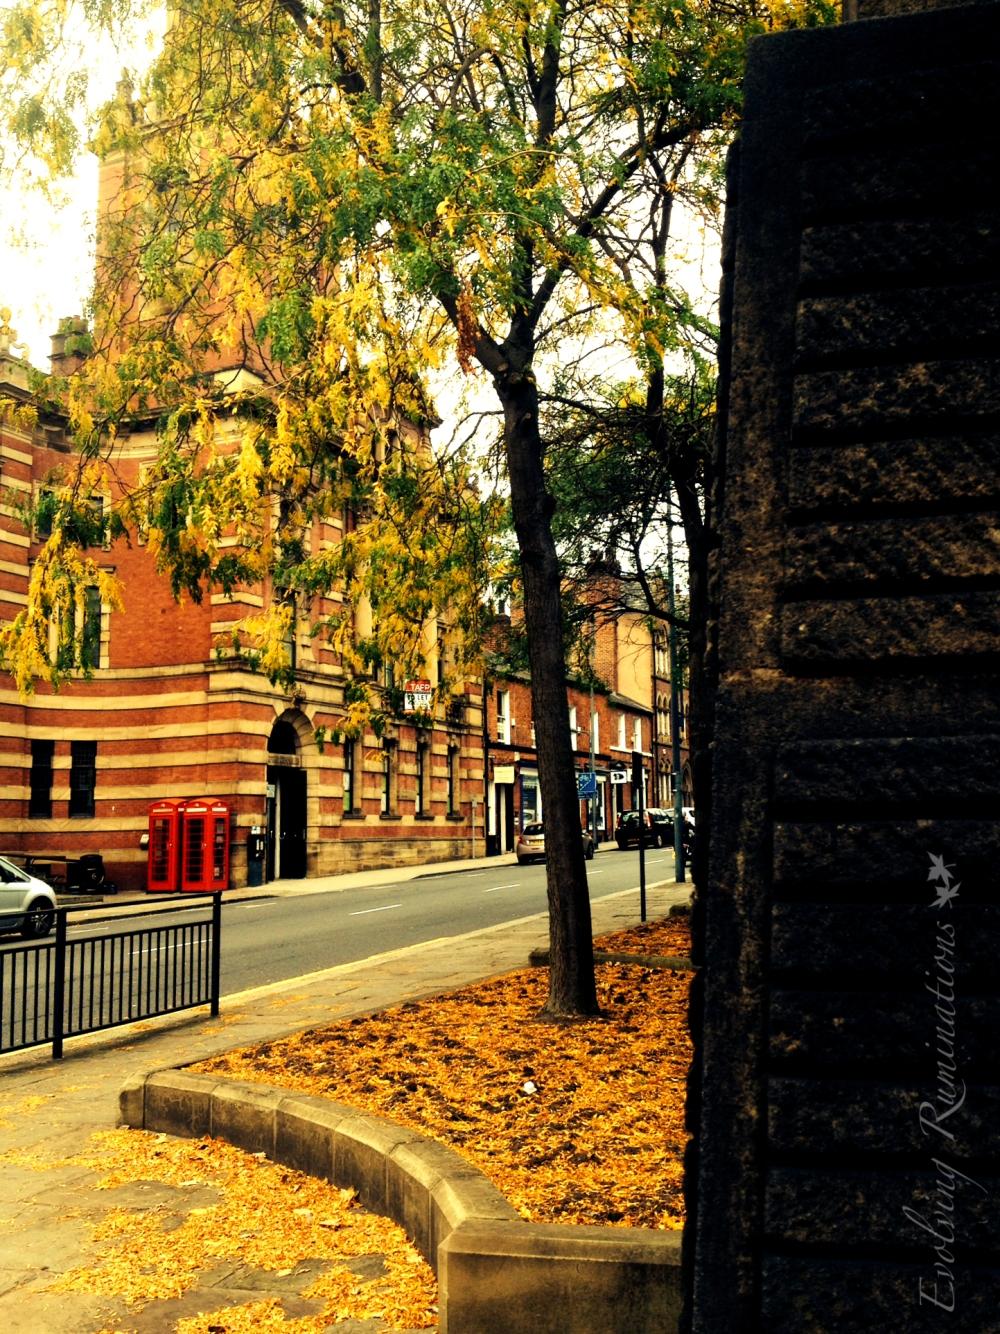 Fall round the corner